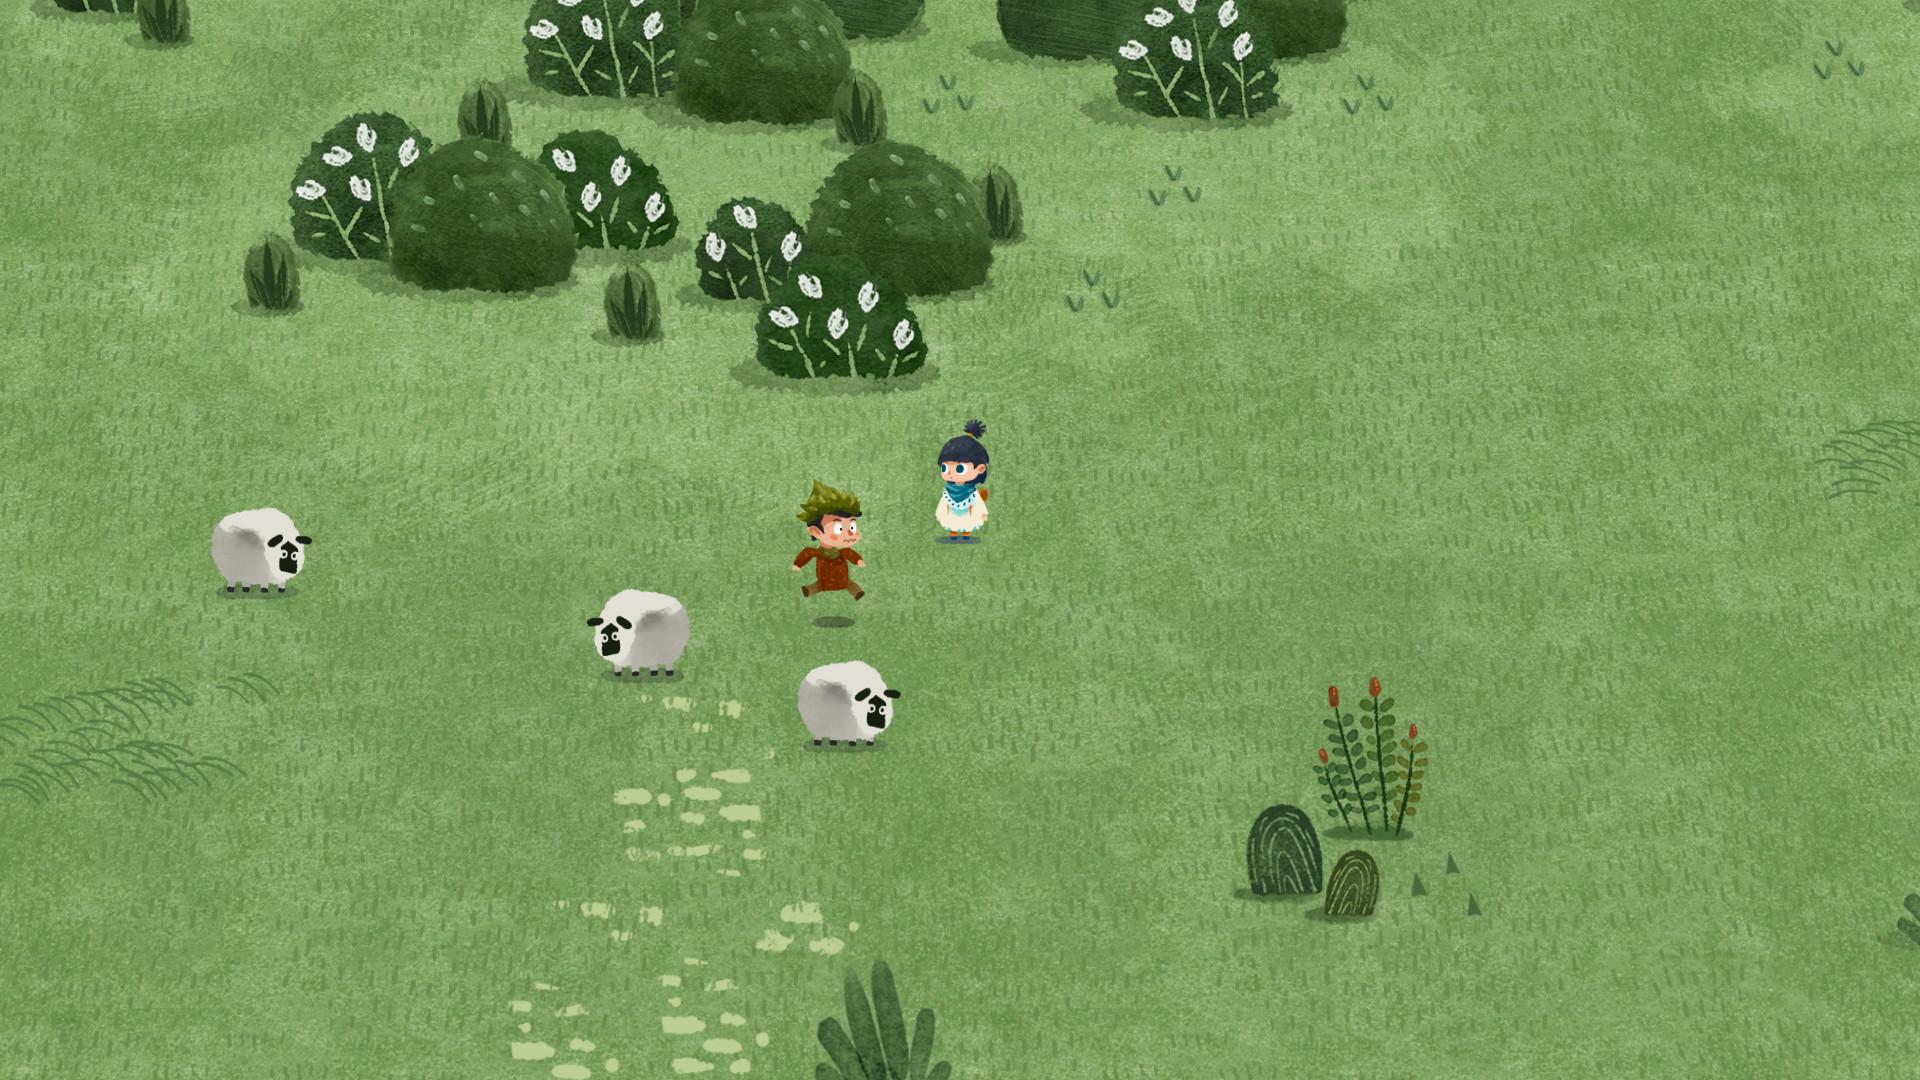 carto-pc-screenshot-04